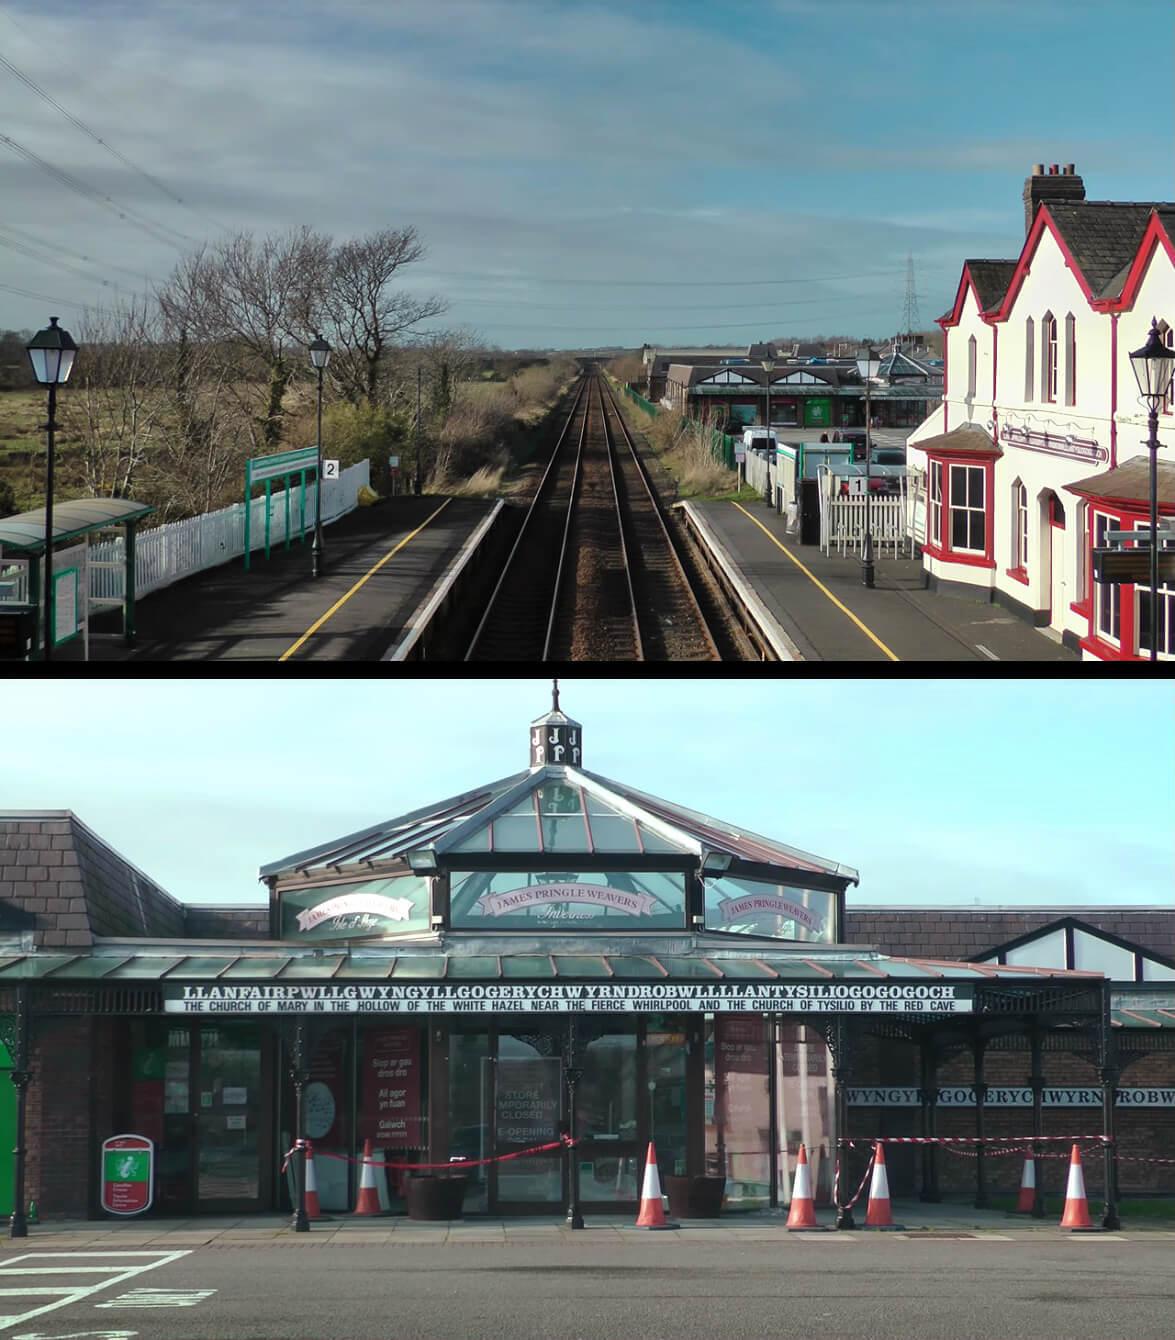 Llanfairpwllgwyngyll-station-Wales.jpg